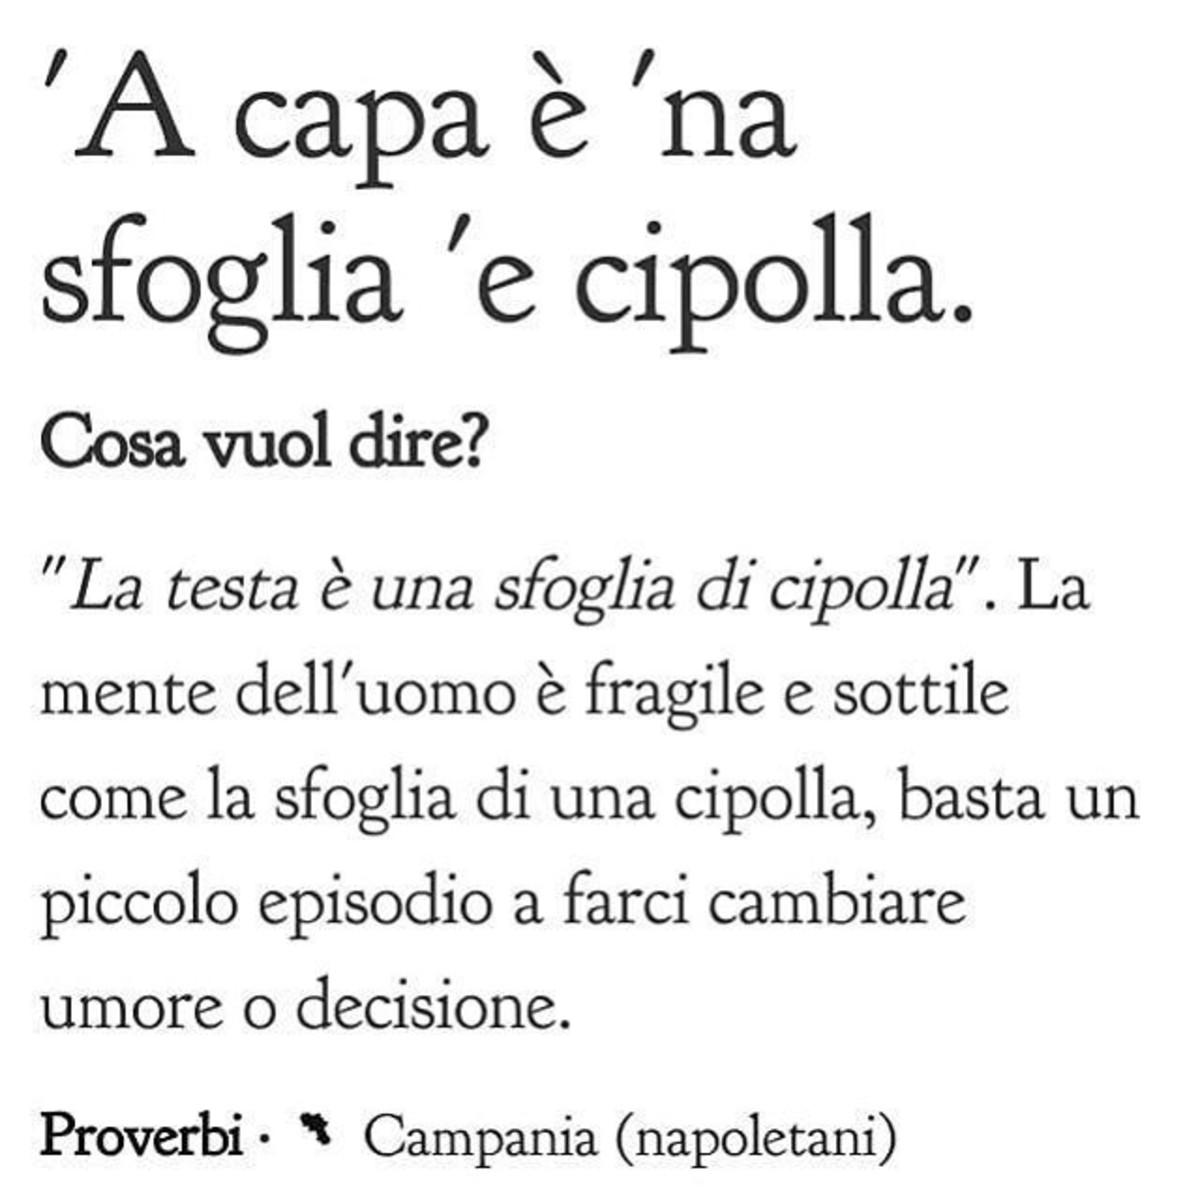 immagini citazioni napoletane bellissime (5)